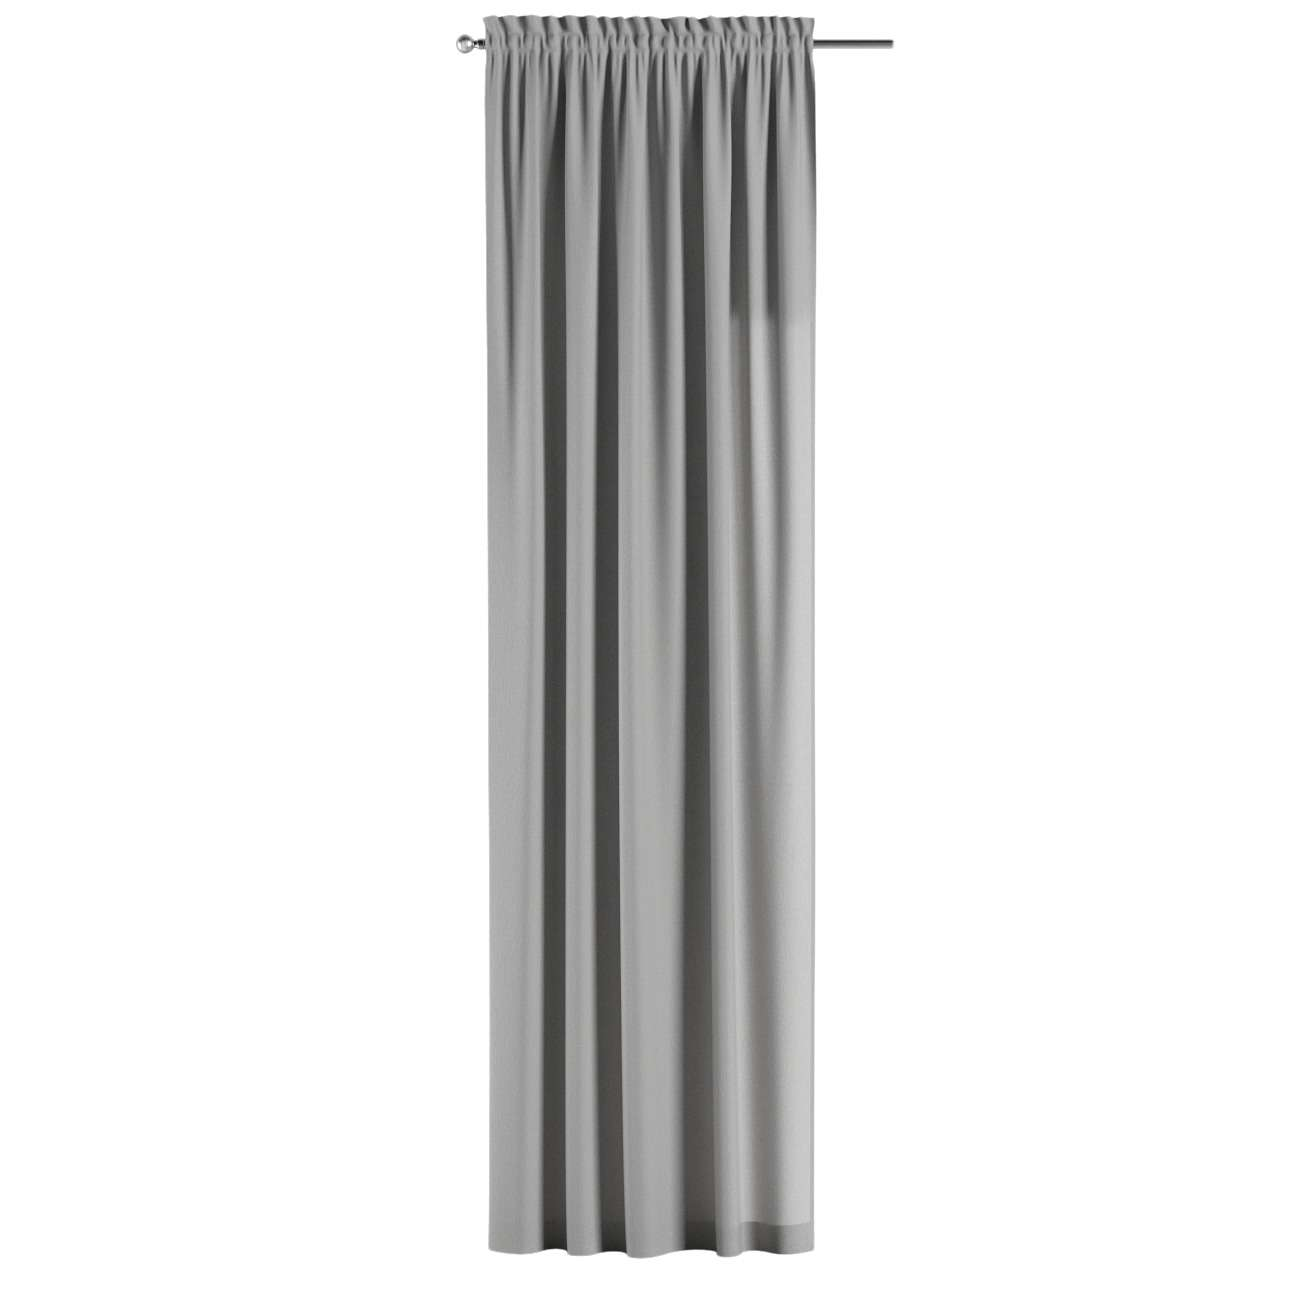 Gardin med kanal - Multiband 1 längd i kollektionen Chenille, Tyg: 702-23